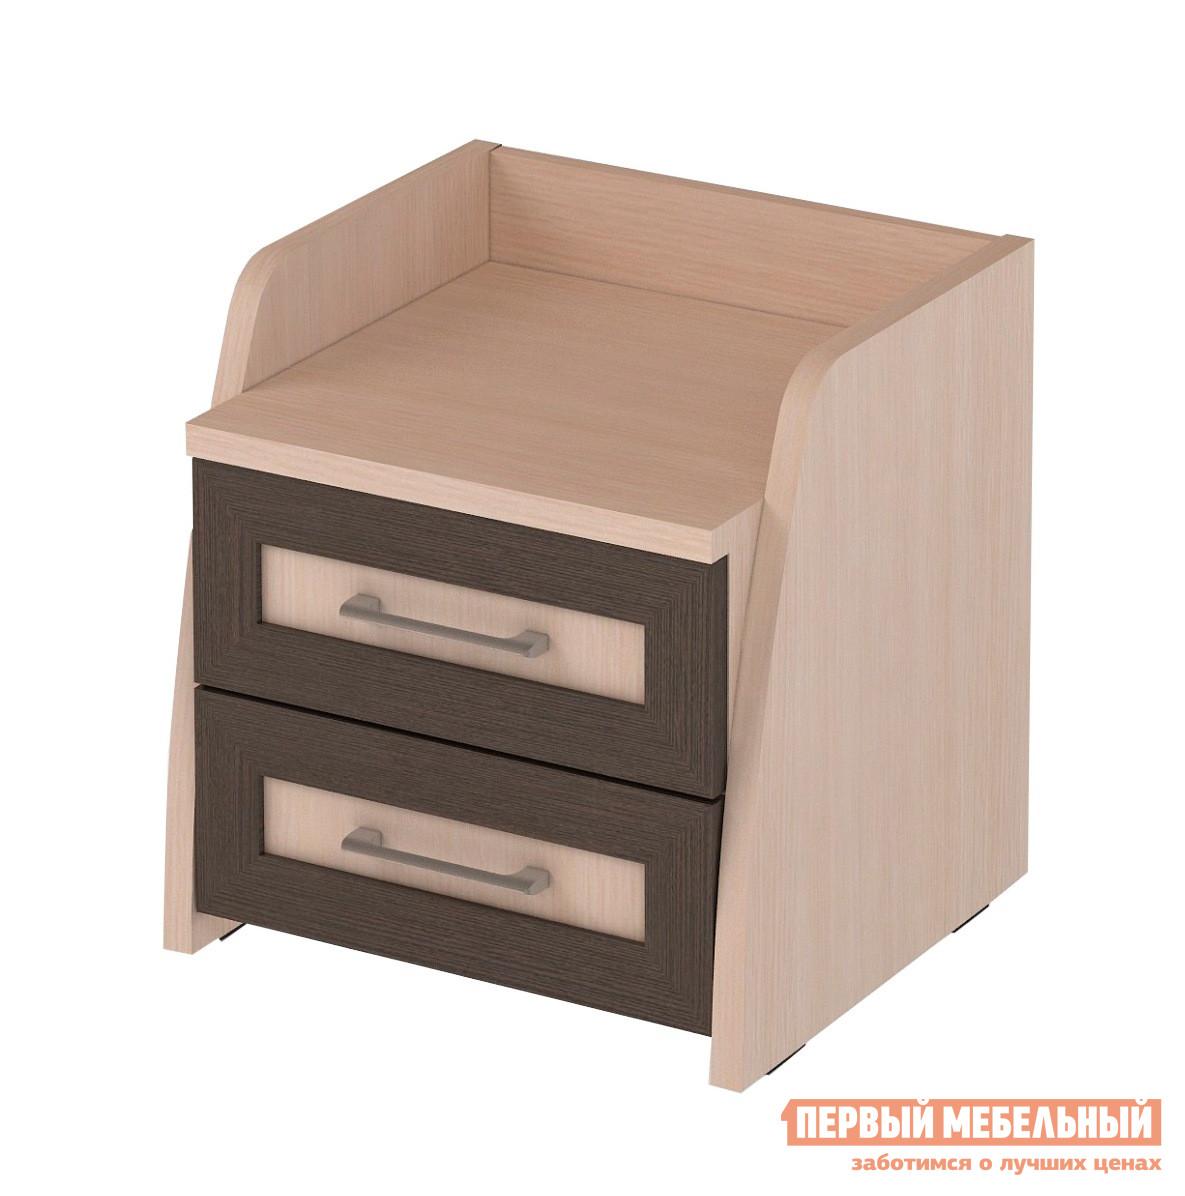 Прикроватная тумбочка ВасКо СОЛО-032 письменный стол васко соло 021